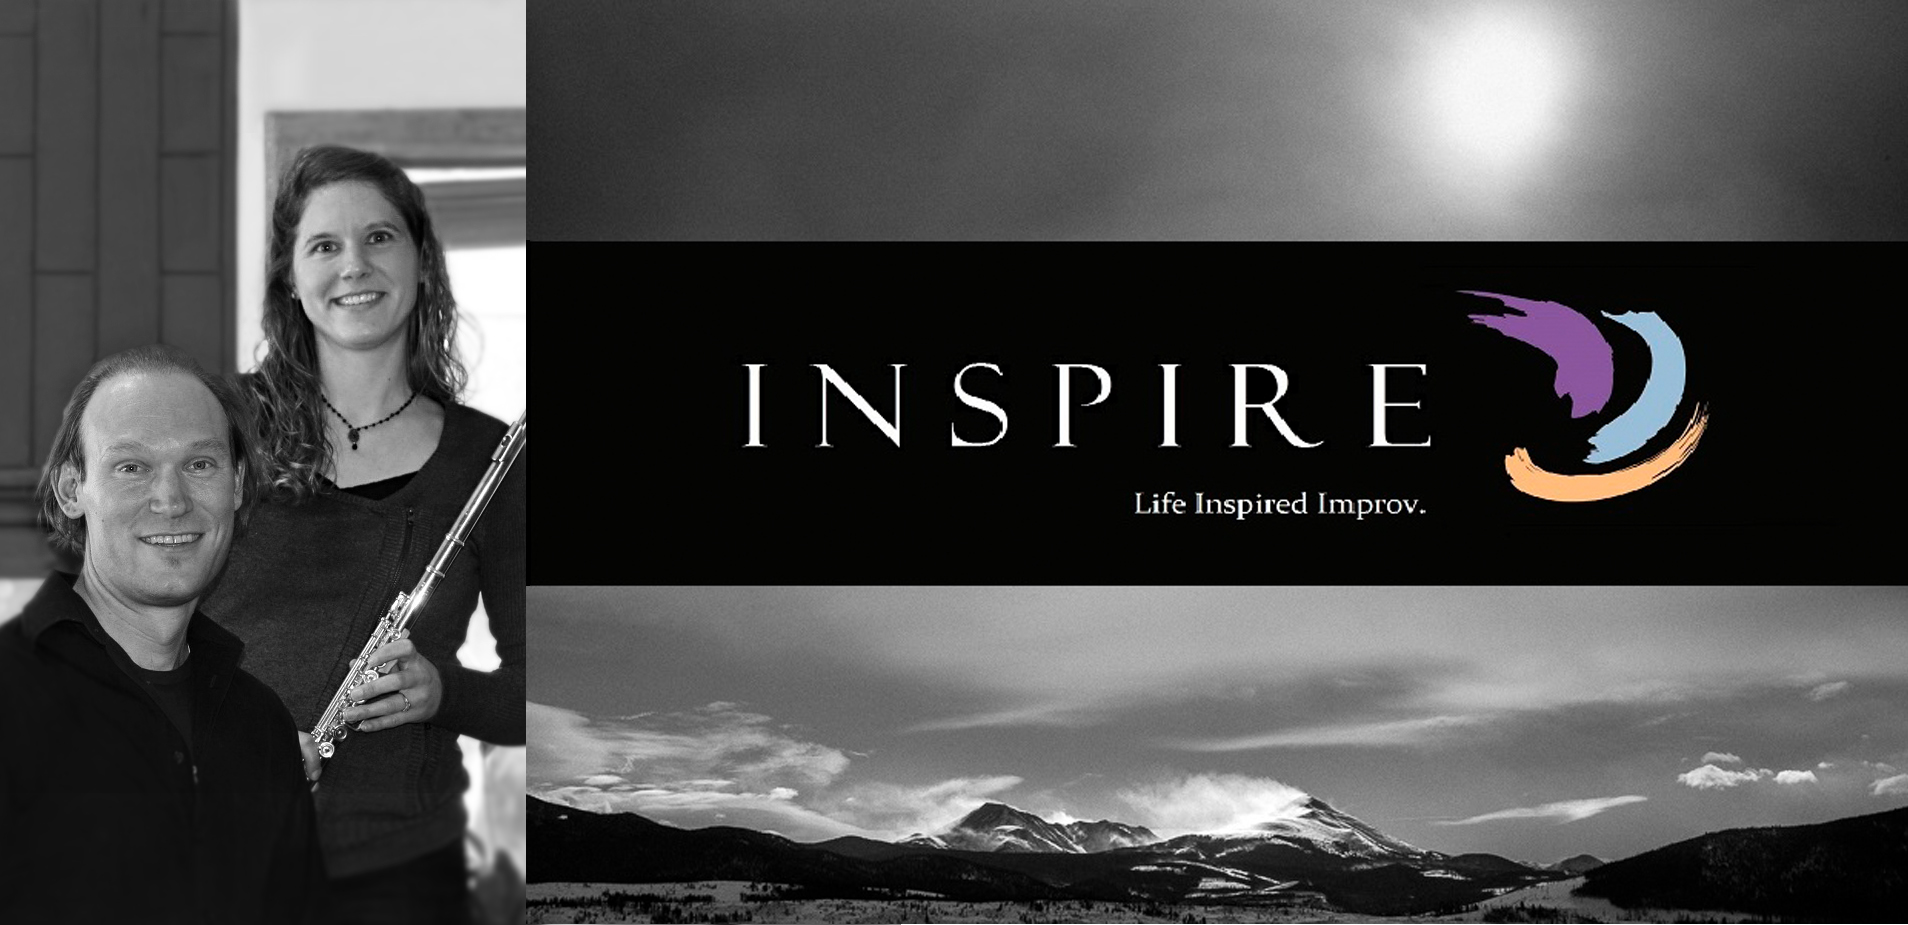 Inspire Duo Art and Music.jpg